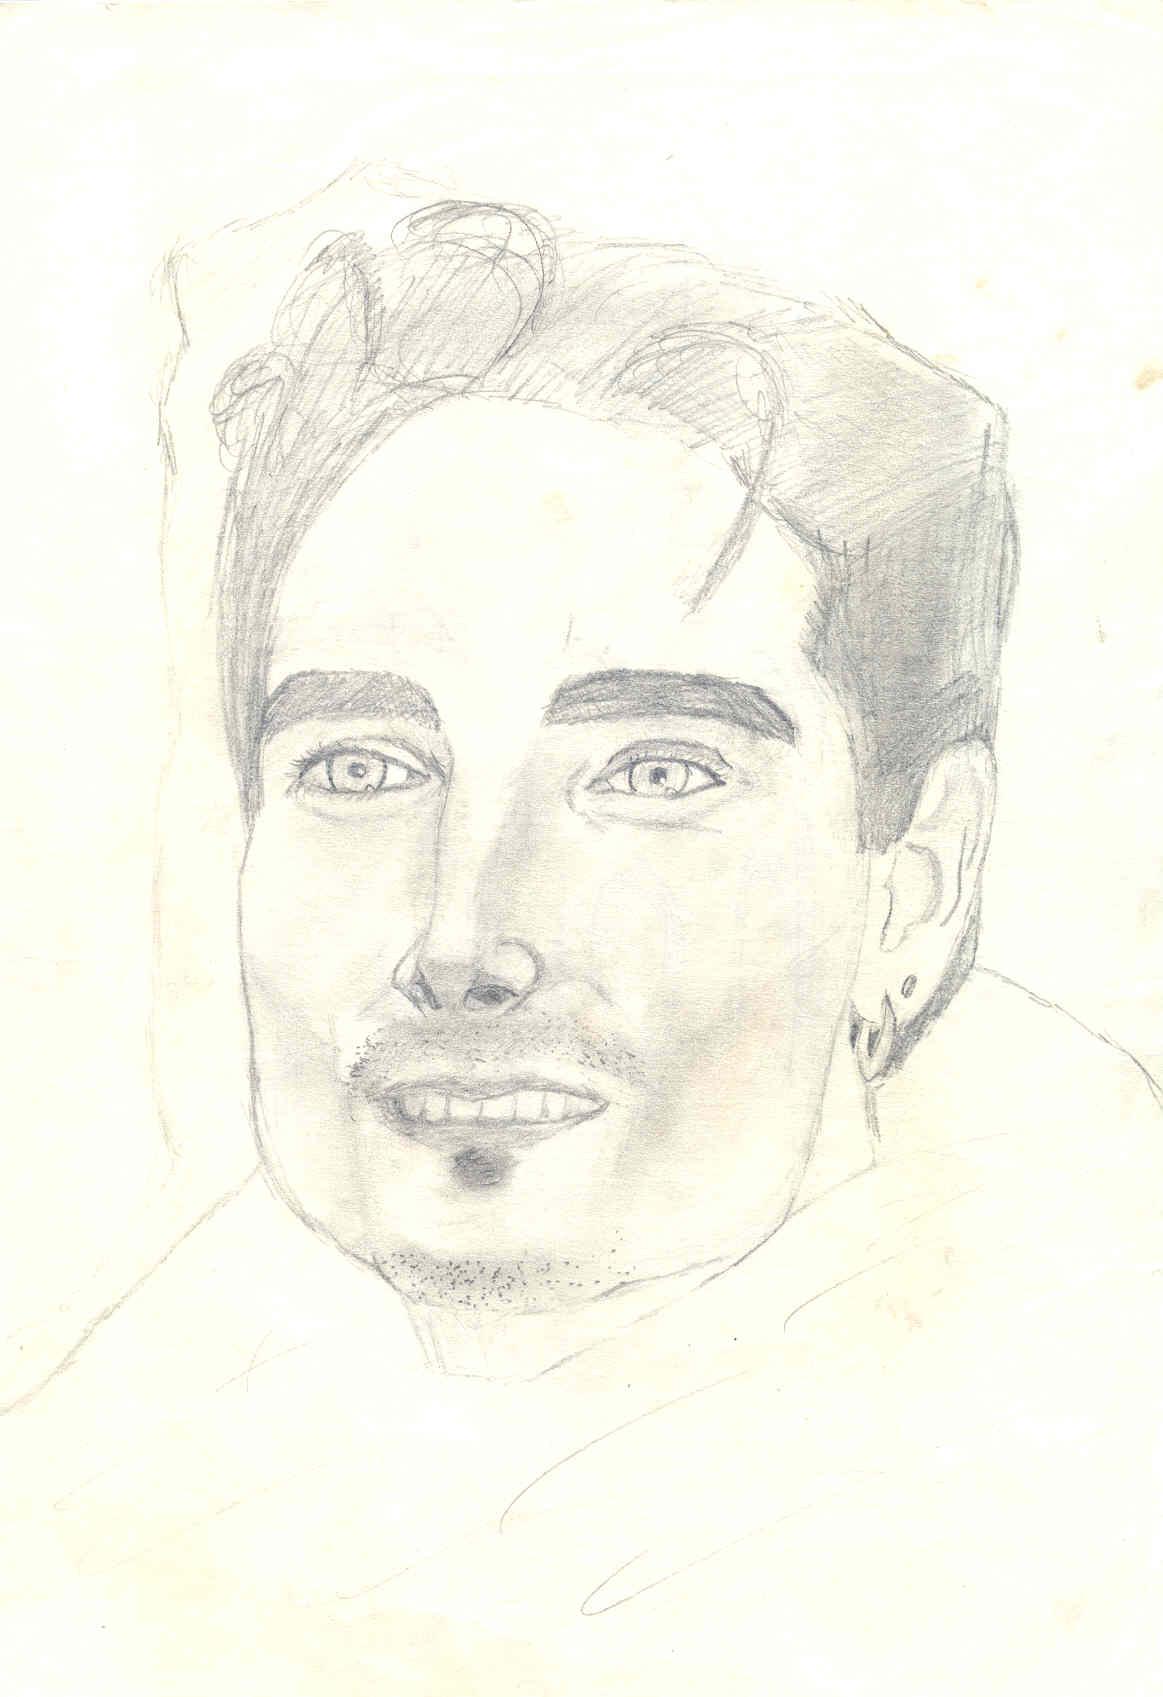 http://mariannka.narod.ru/Kevin.jpg